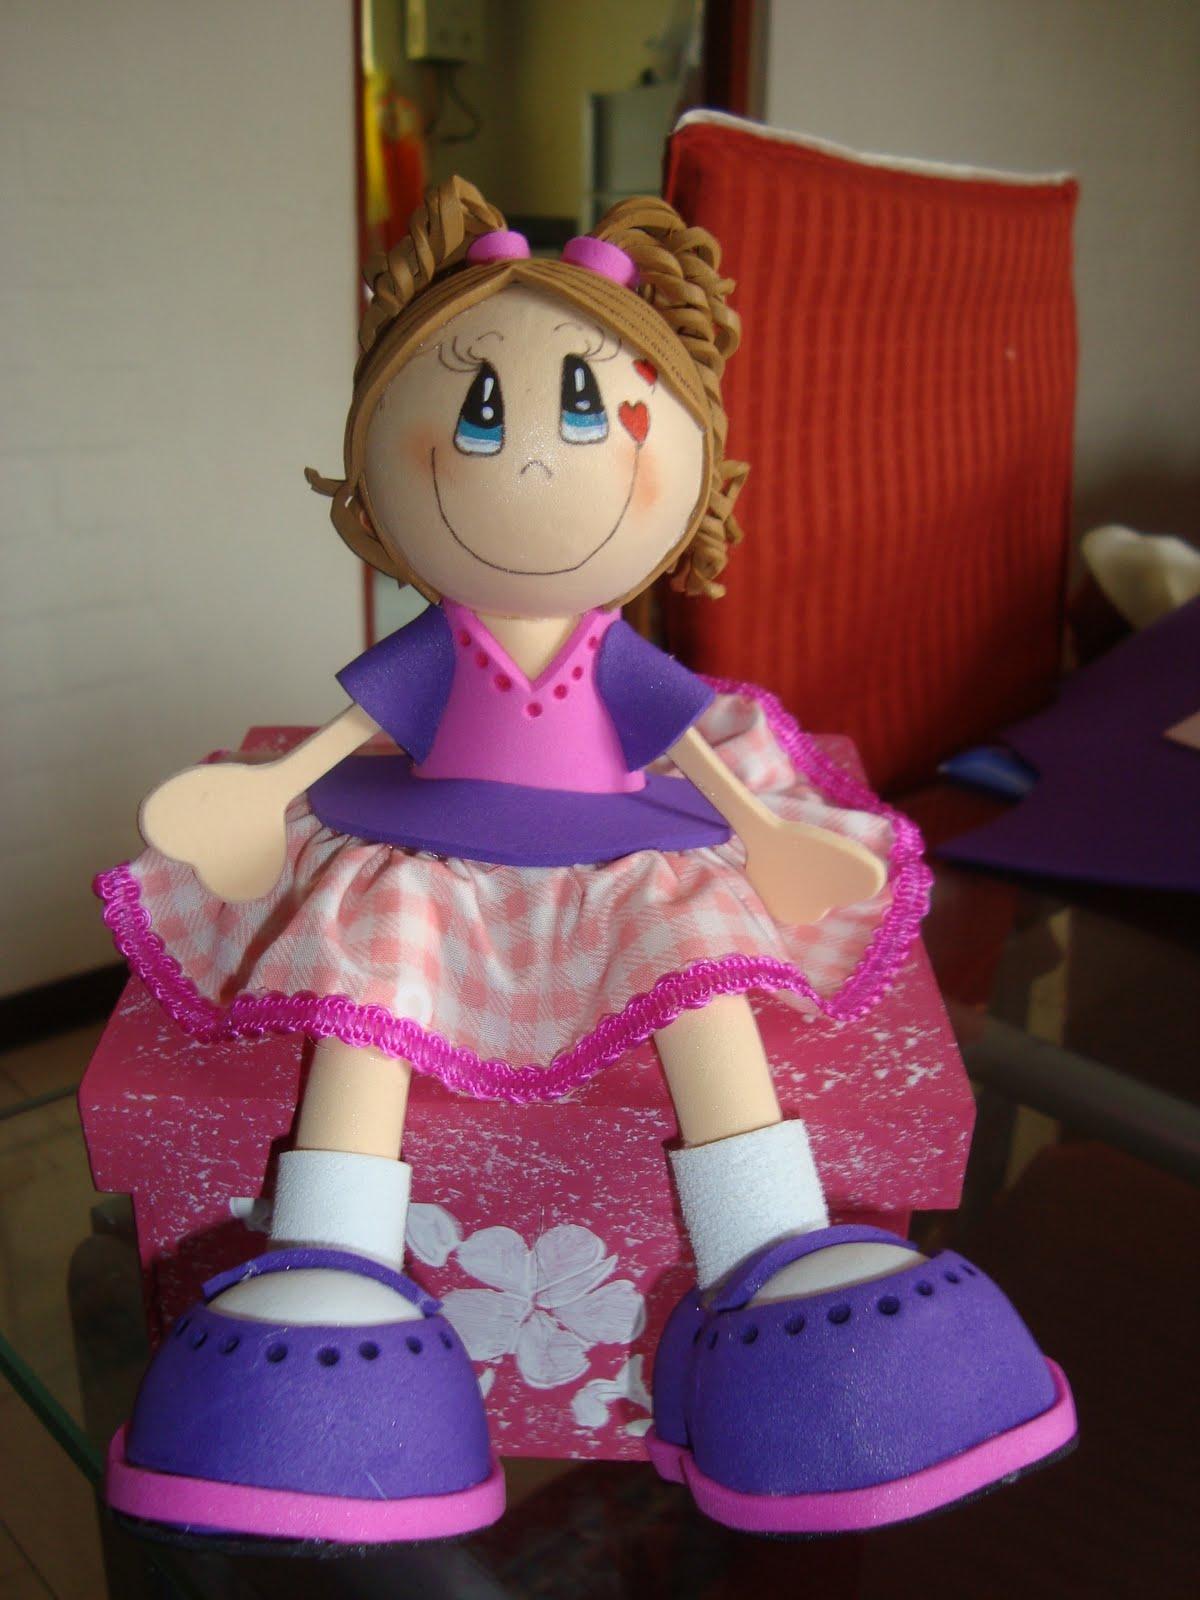 Como hacer fofuchas sentadas - Imagui